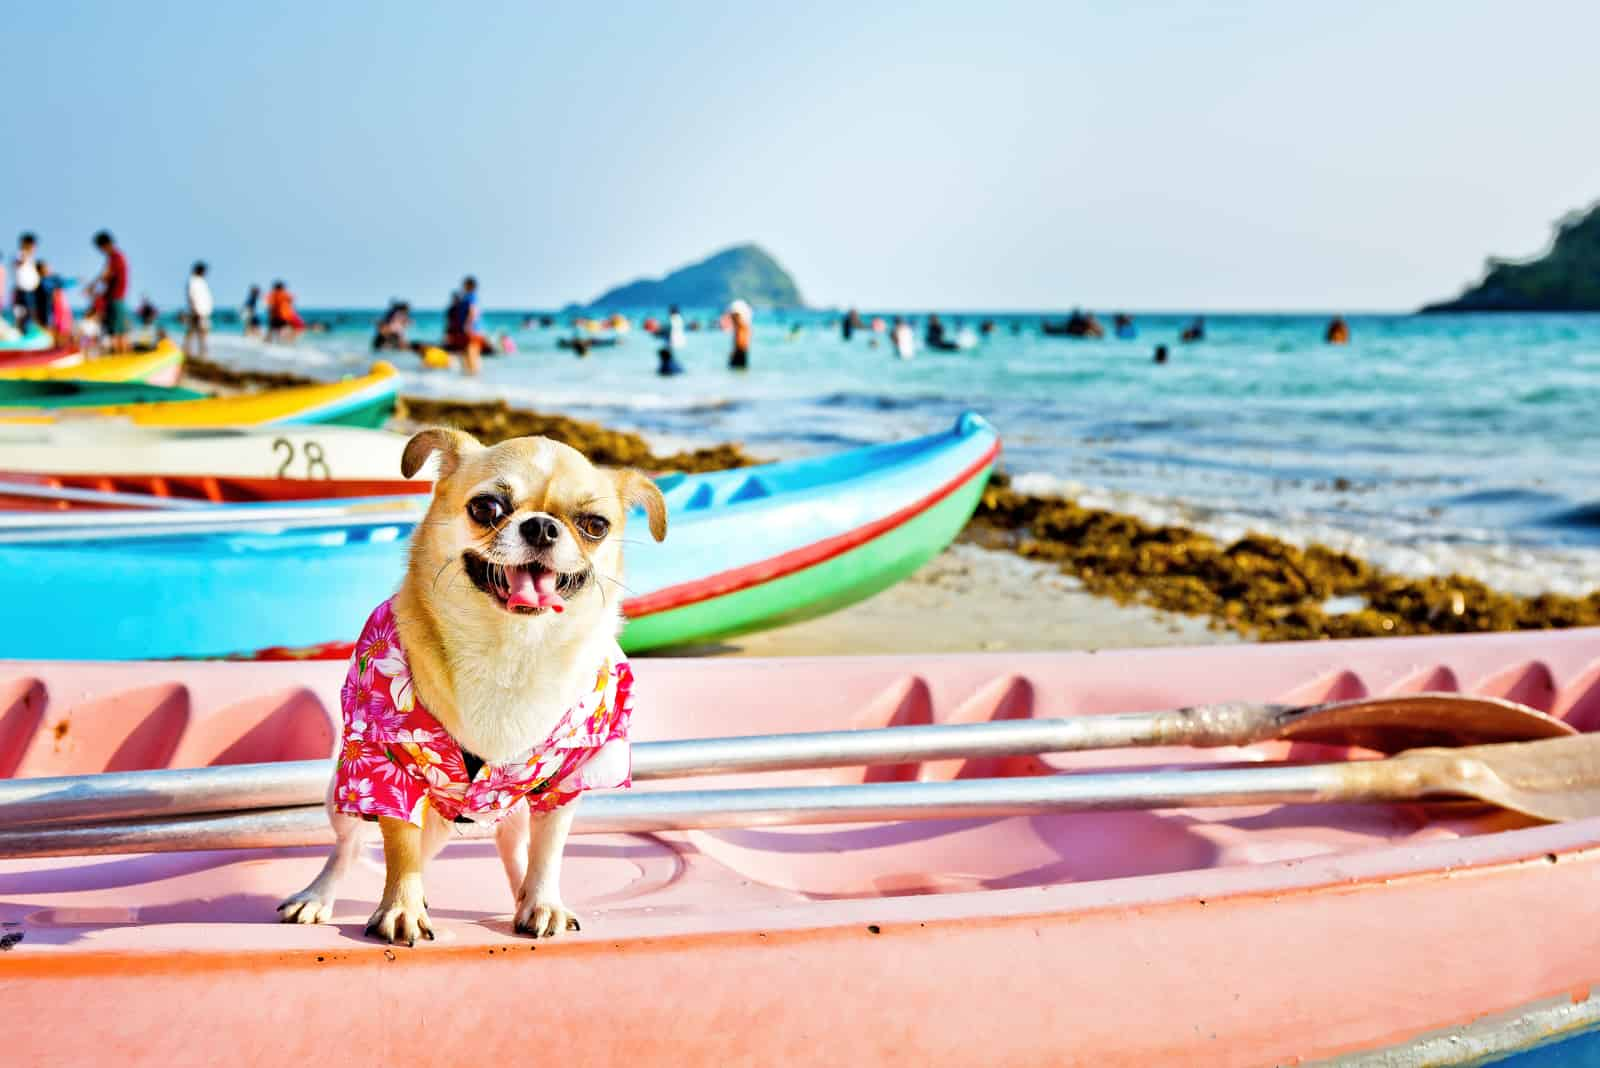 dog on a surfboard wearing hawaiian shirt